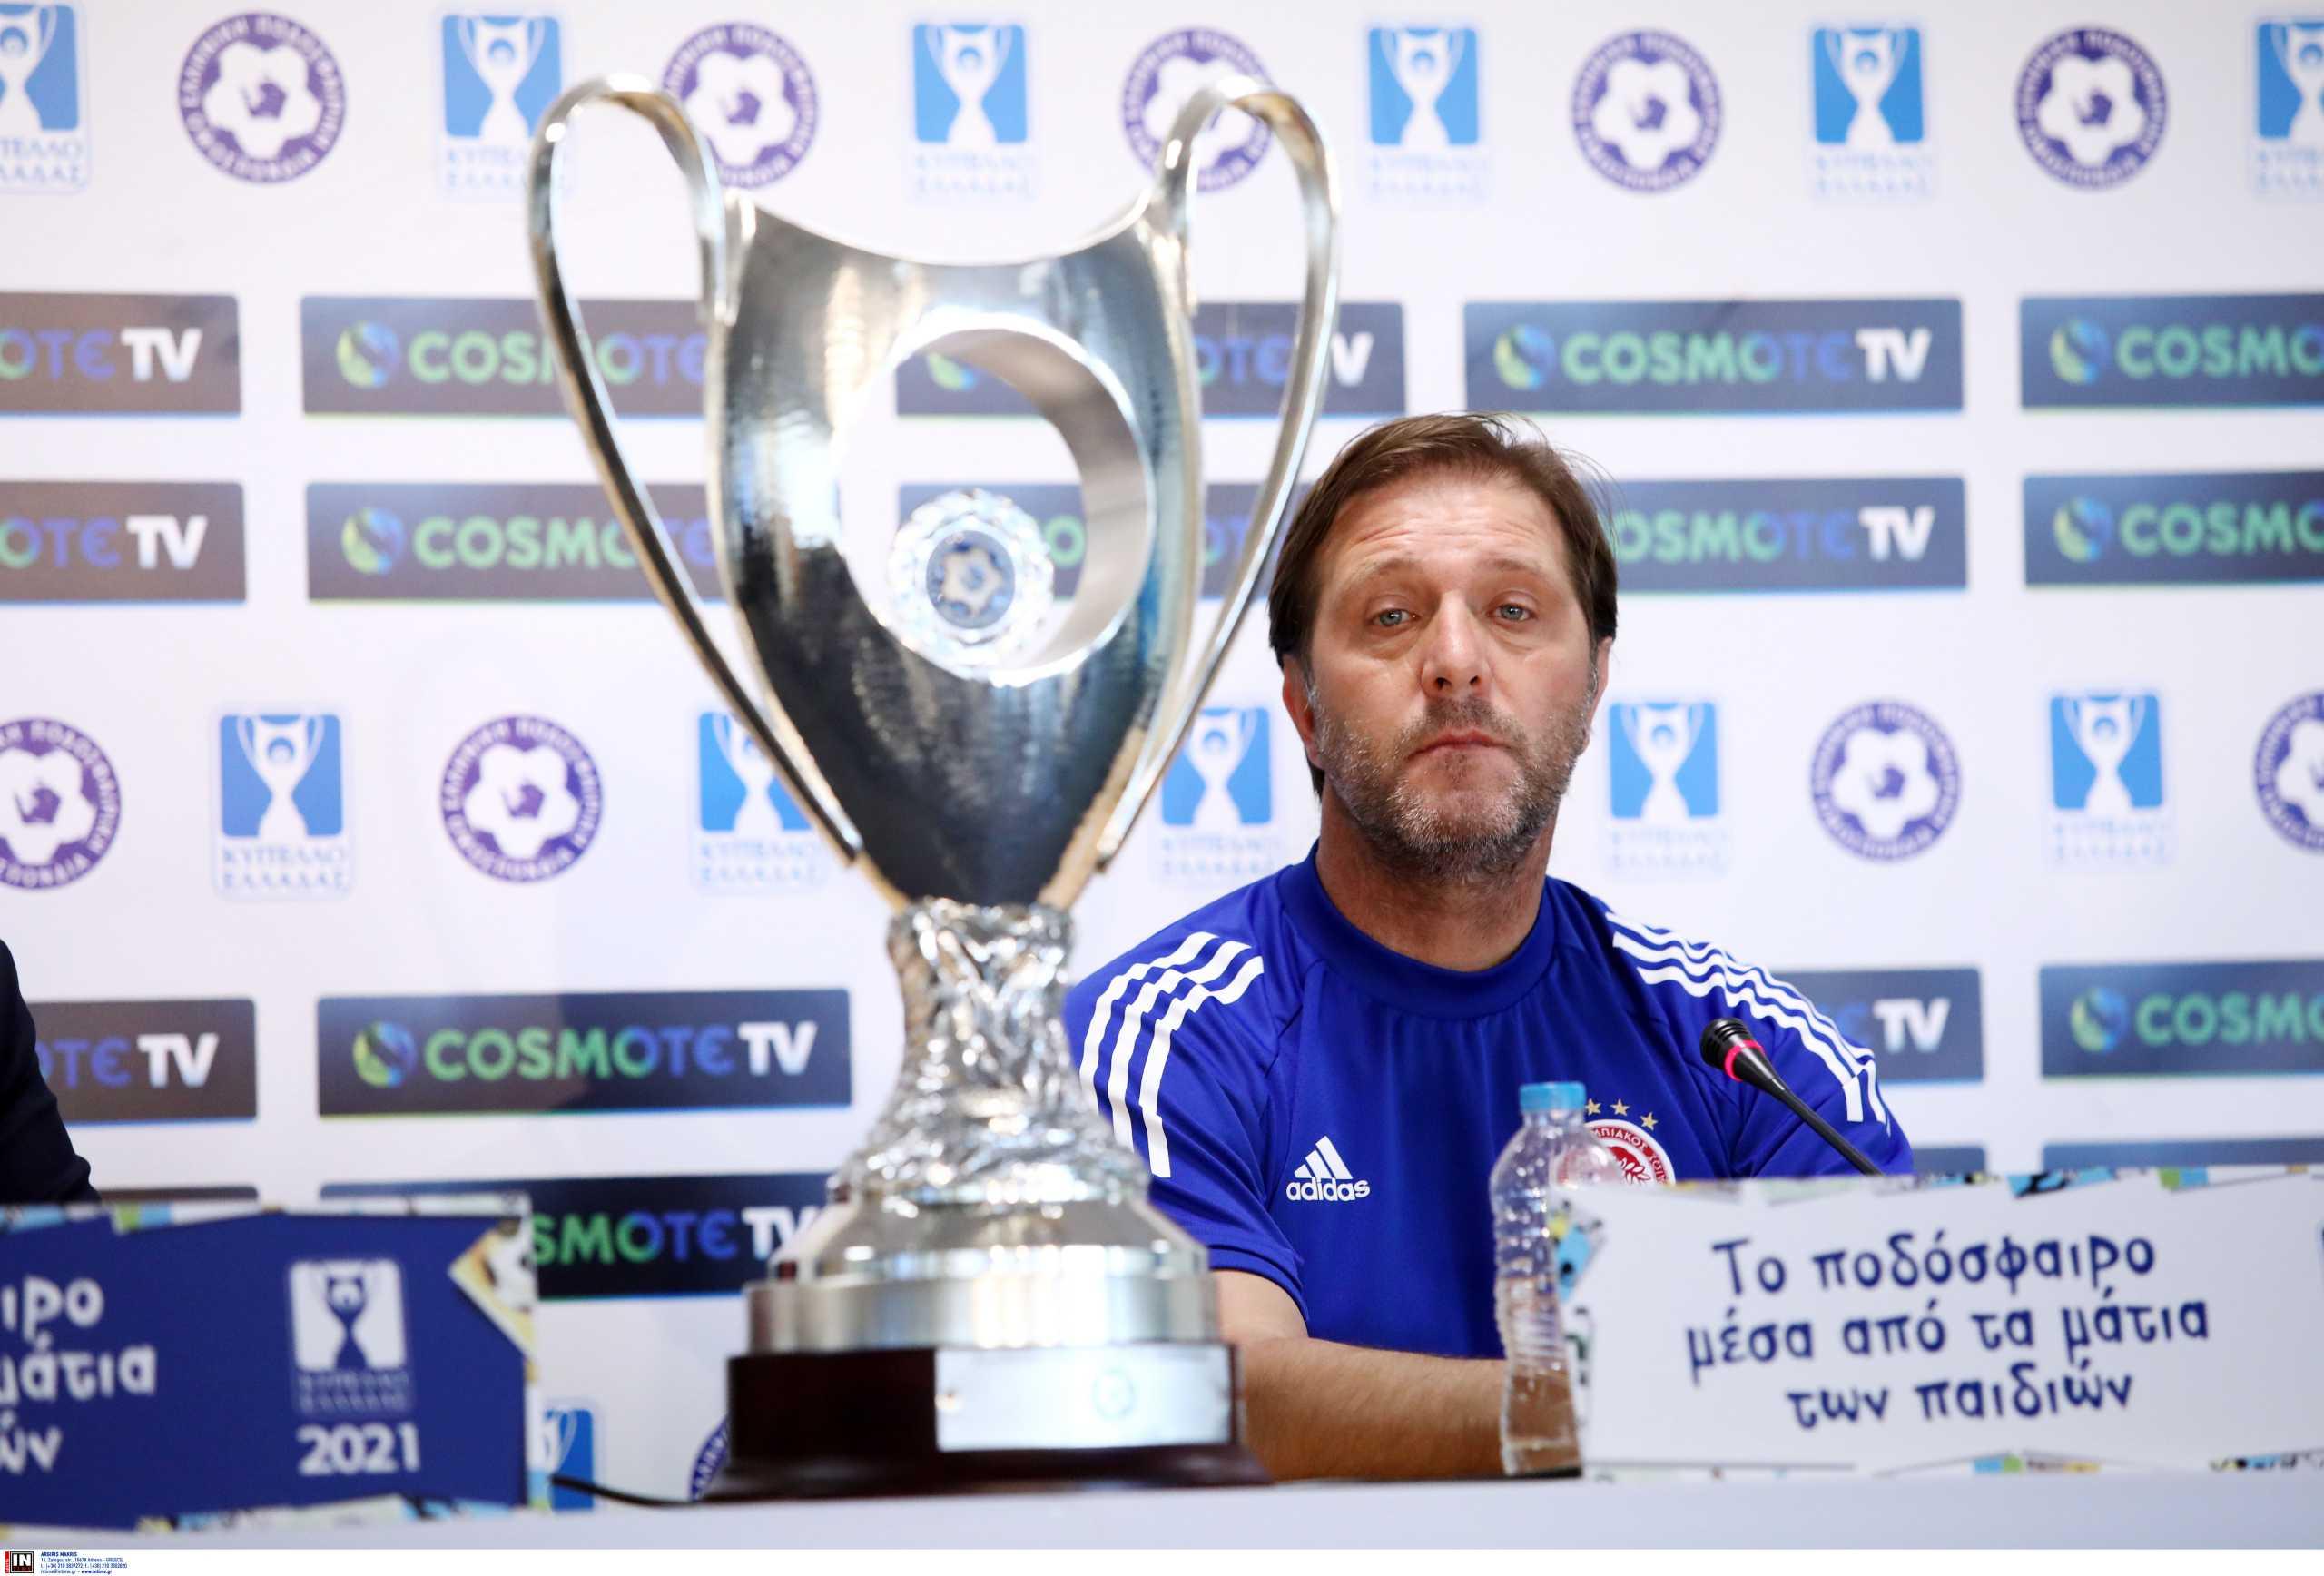 Κύπελλο Ελλάδας: «Διαθέσιμοι Σωκράτης και Ελ Αραμπί για τον τελικό» είπε ο Μαρτίνς